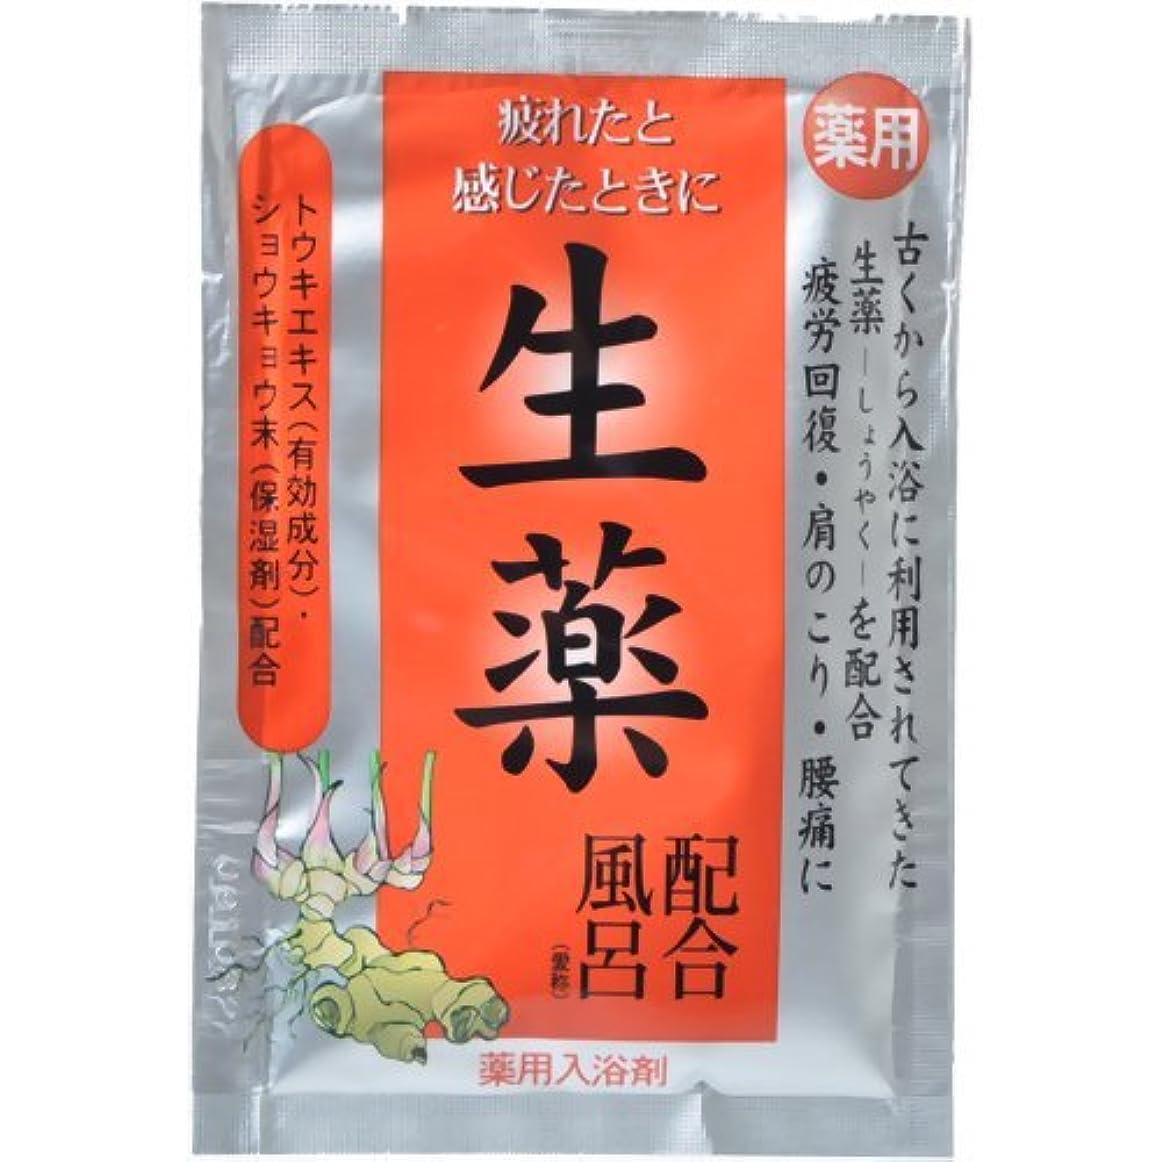 申し立てられた熟した人工的な五州薬品 自然植物力 生薬配合風呂 25g入